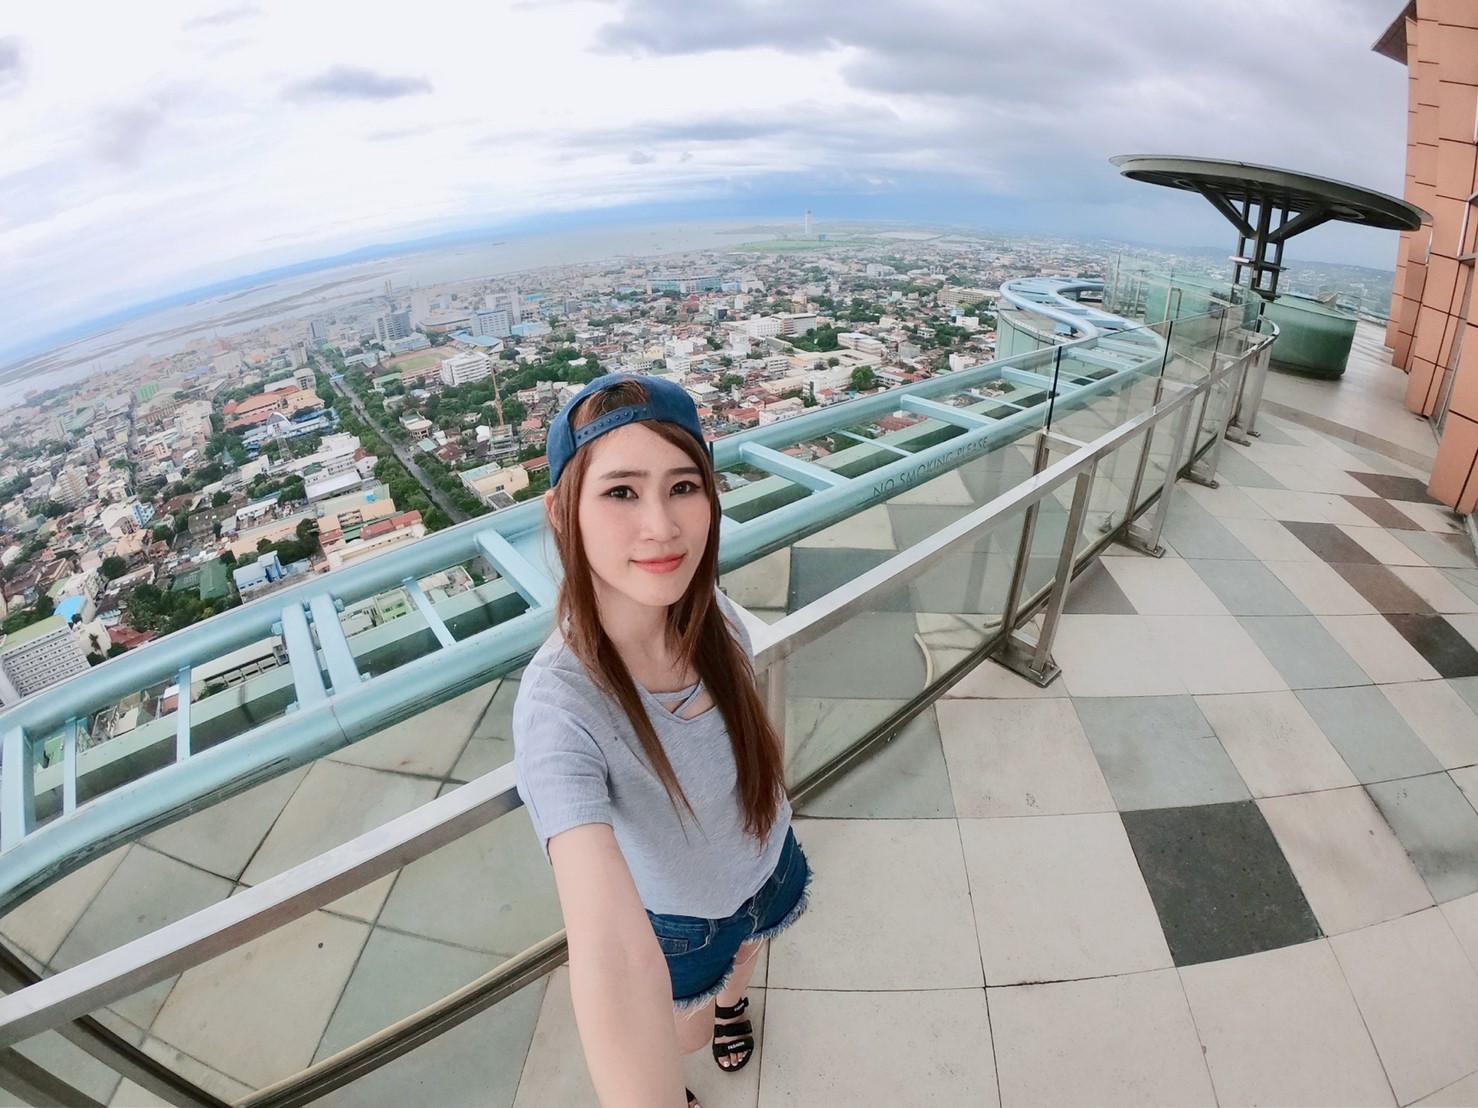 菲律賓學英文,宿霧遊學休假時間就要去高空體驗!